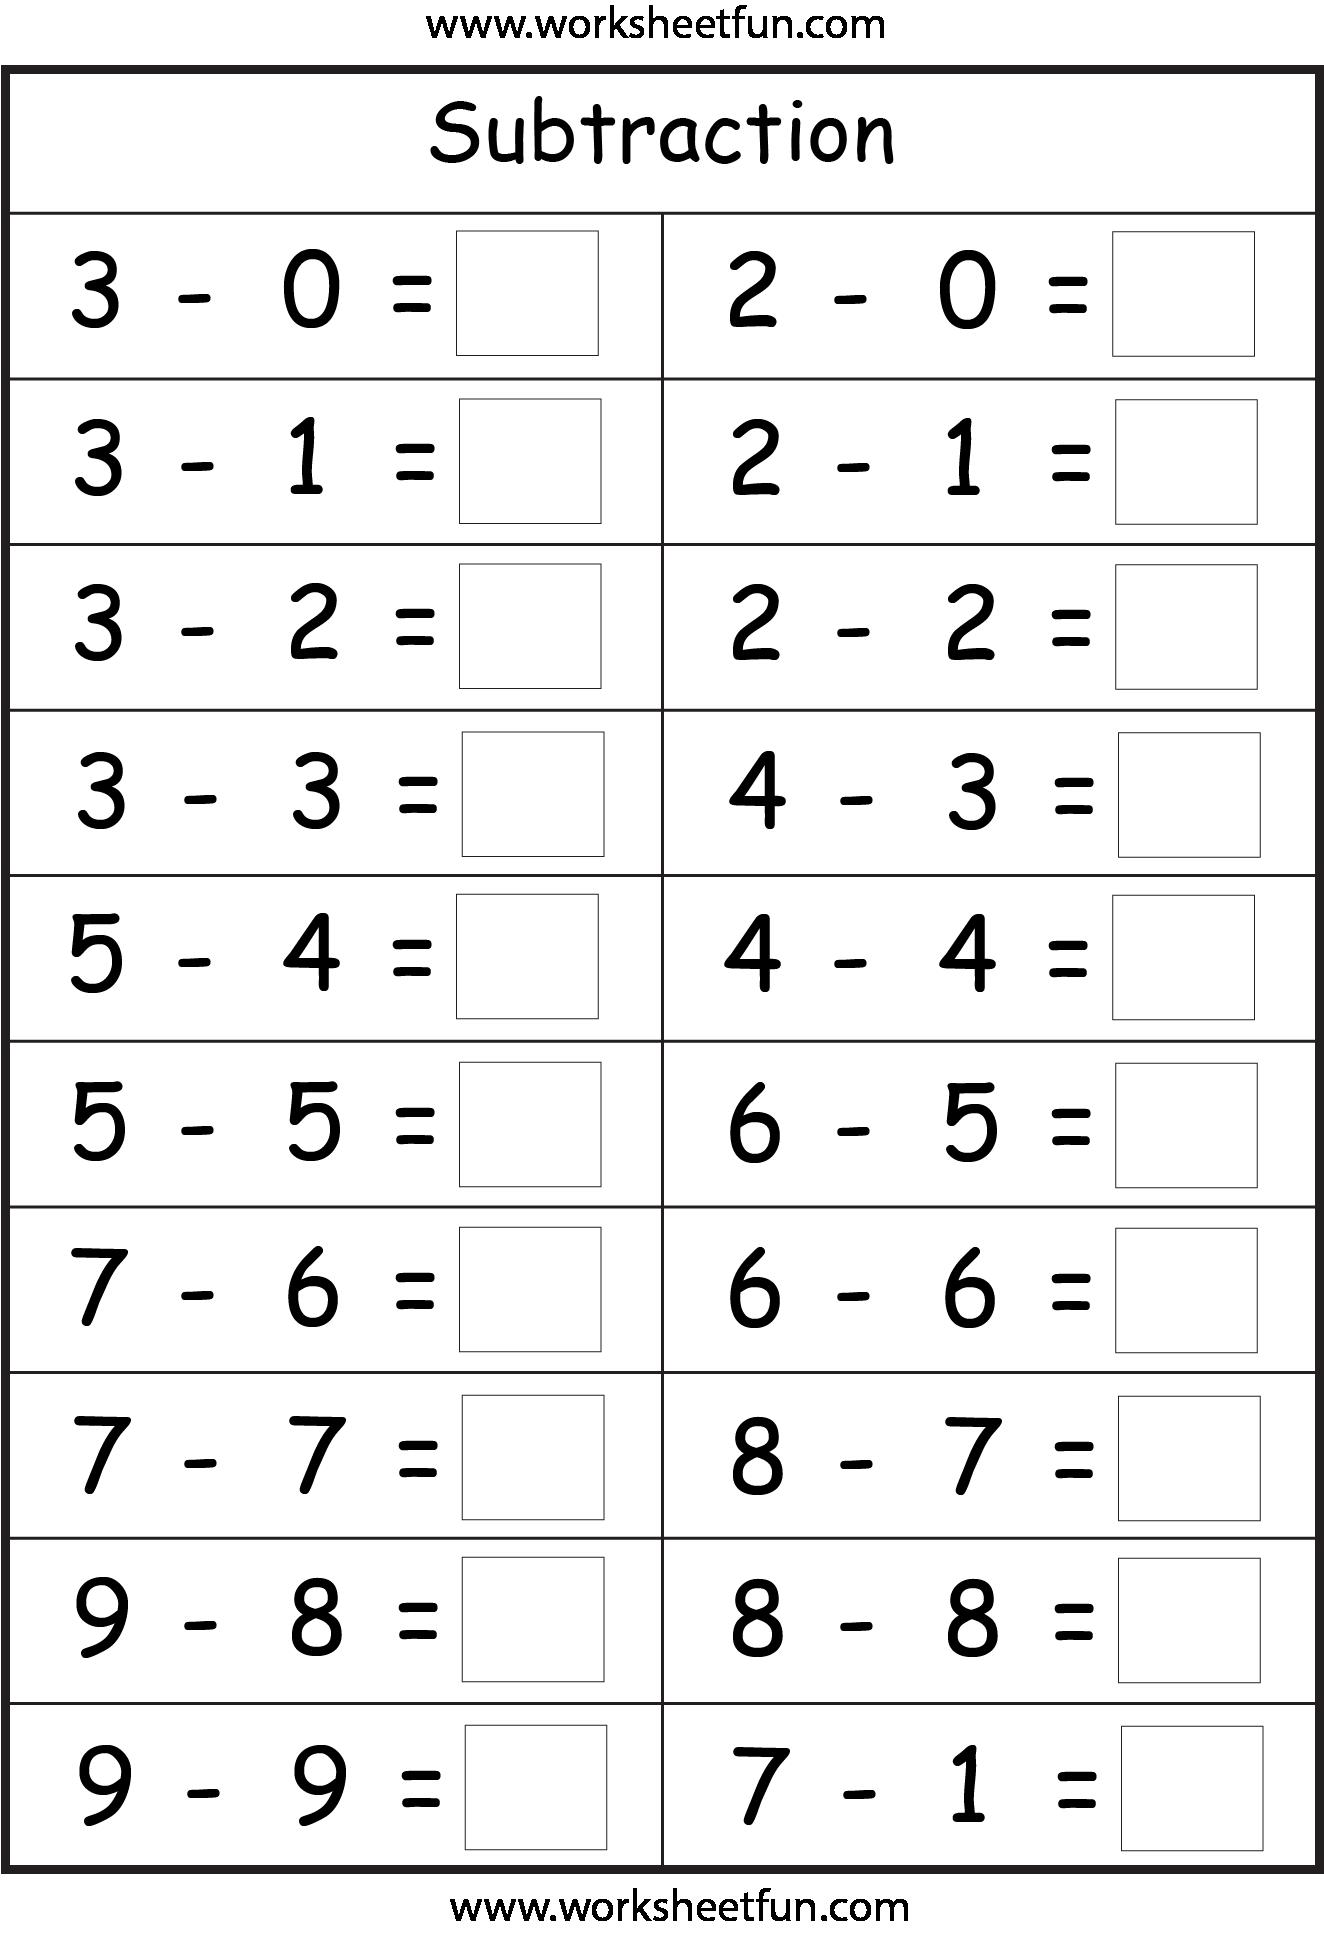 Subtractionbox4